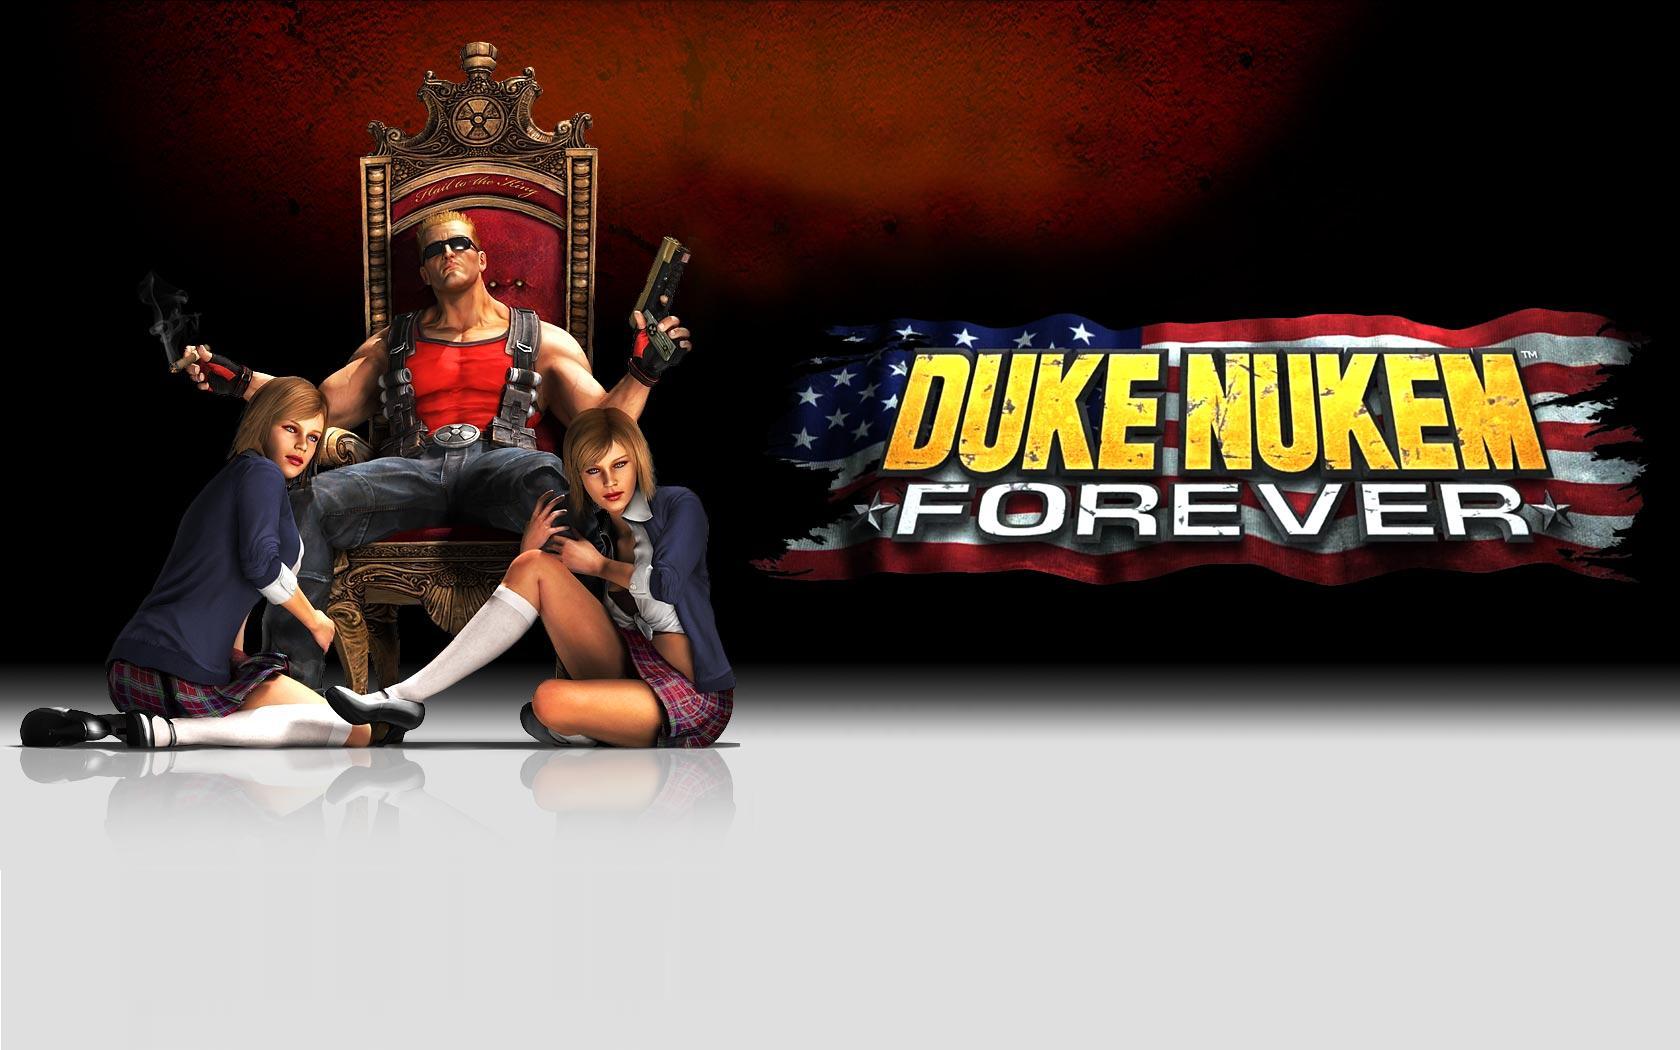 [Jeu vidéo] Votre Jeu vidéo du moment préféré ou/et TOP 10 ? - Page 4 Duke-nukem-forever-wallpaper-2